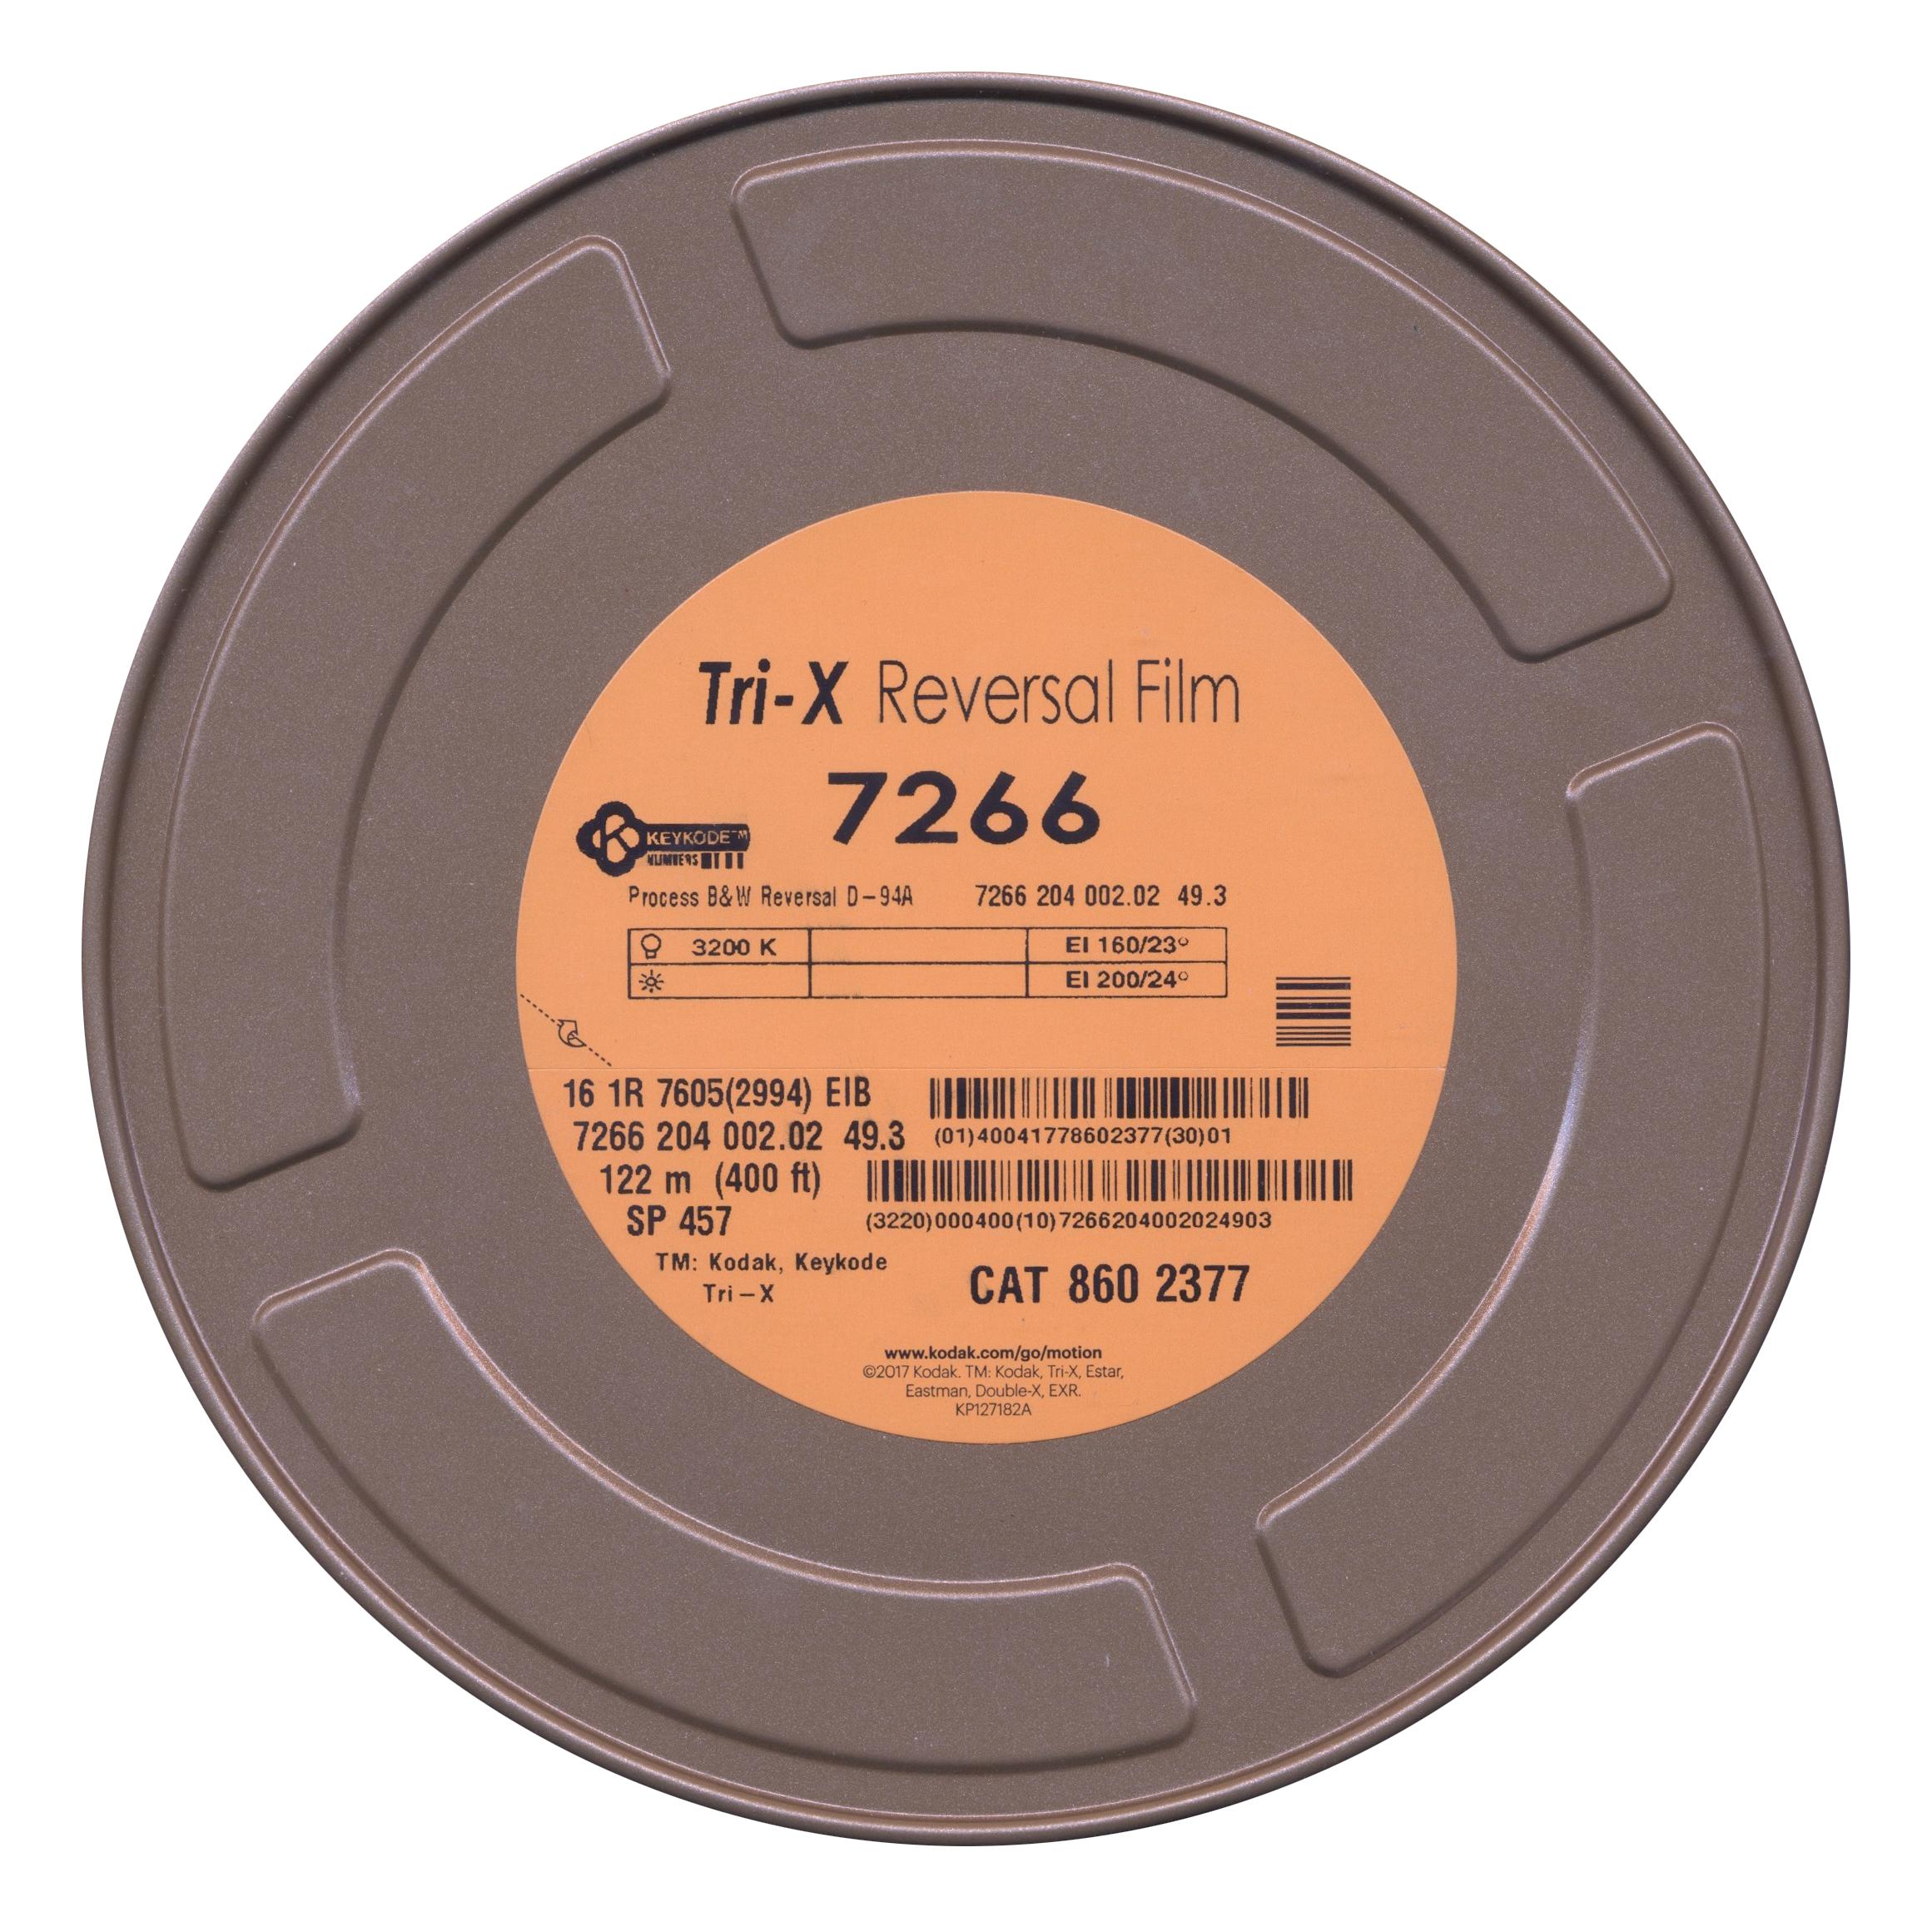 TRI-X 200D/7266   B&W 16MM REVERSAL FILM $148.00 - 400FT ON CORE